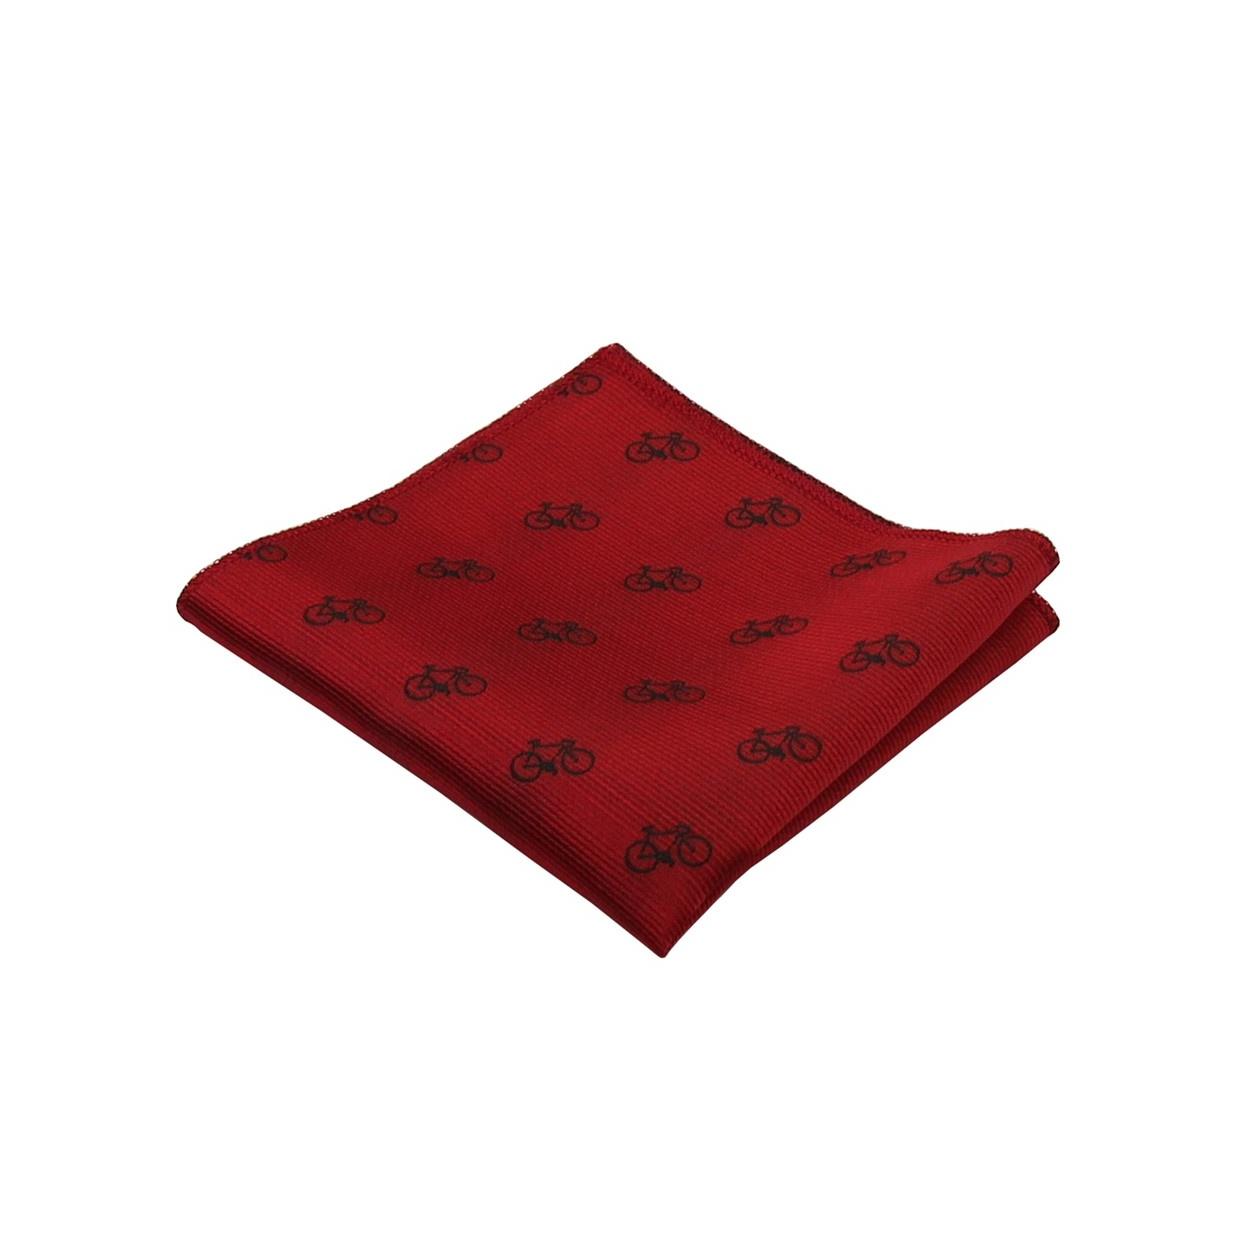 Vínově červený pánský kapesníček do saka KOLO